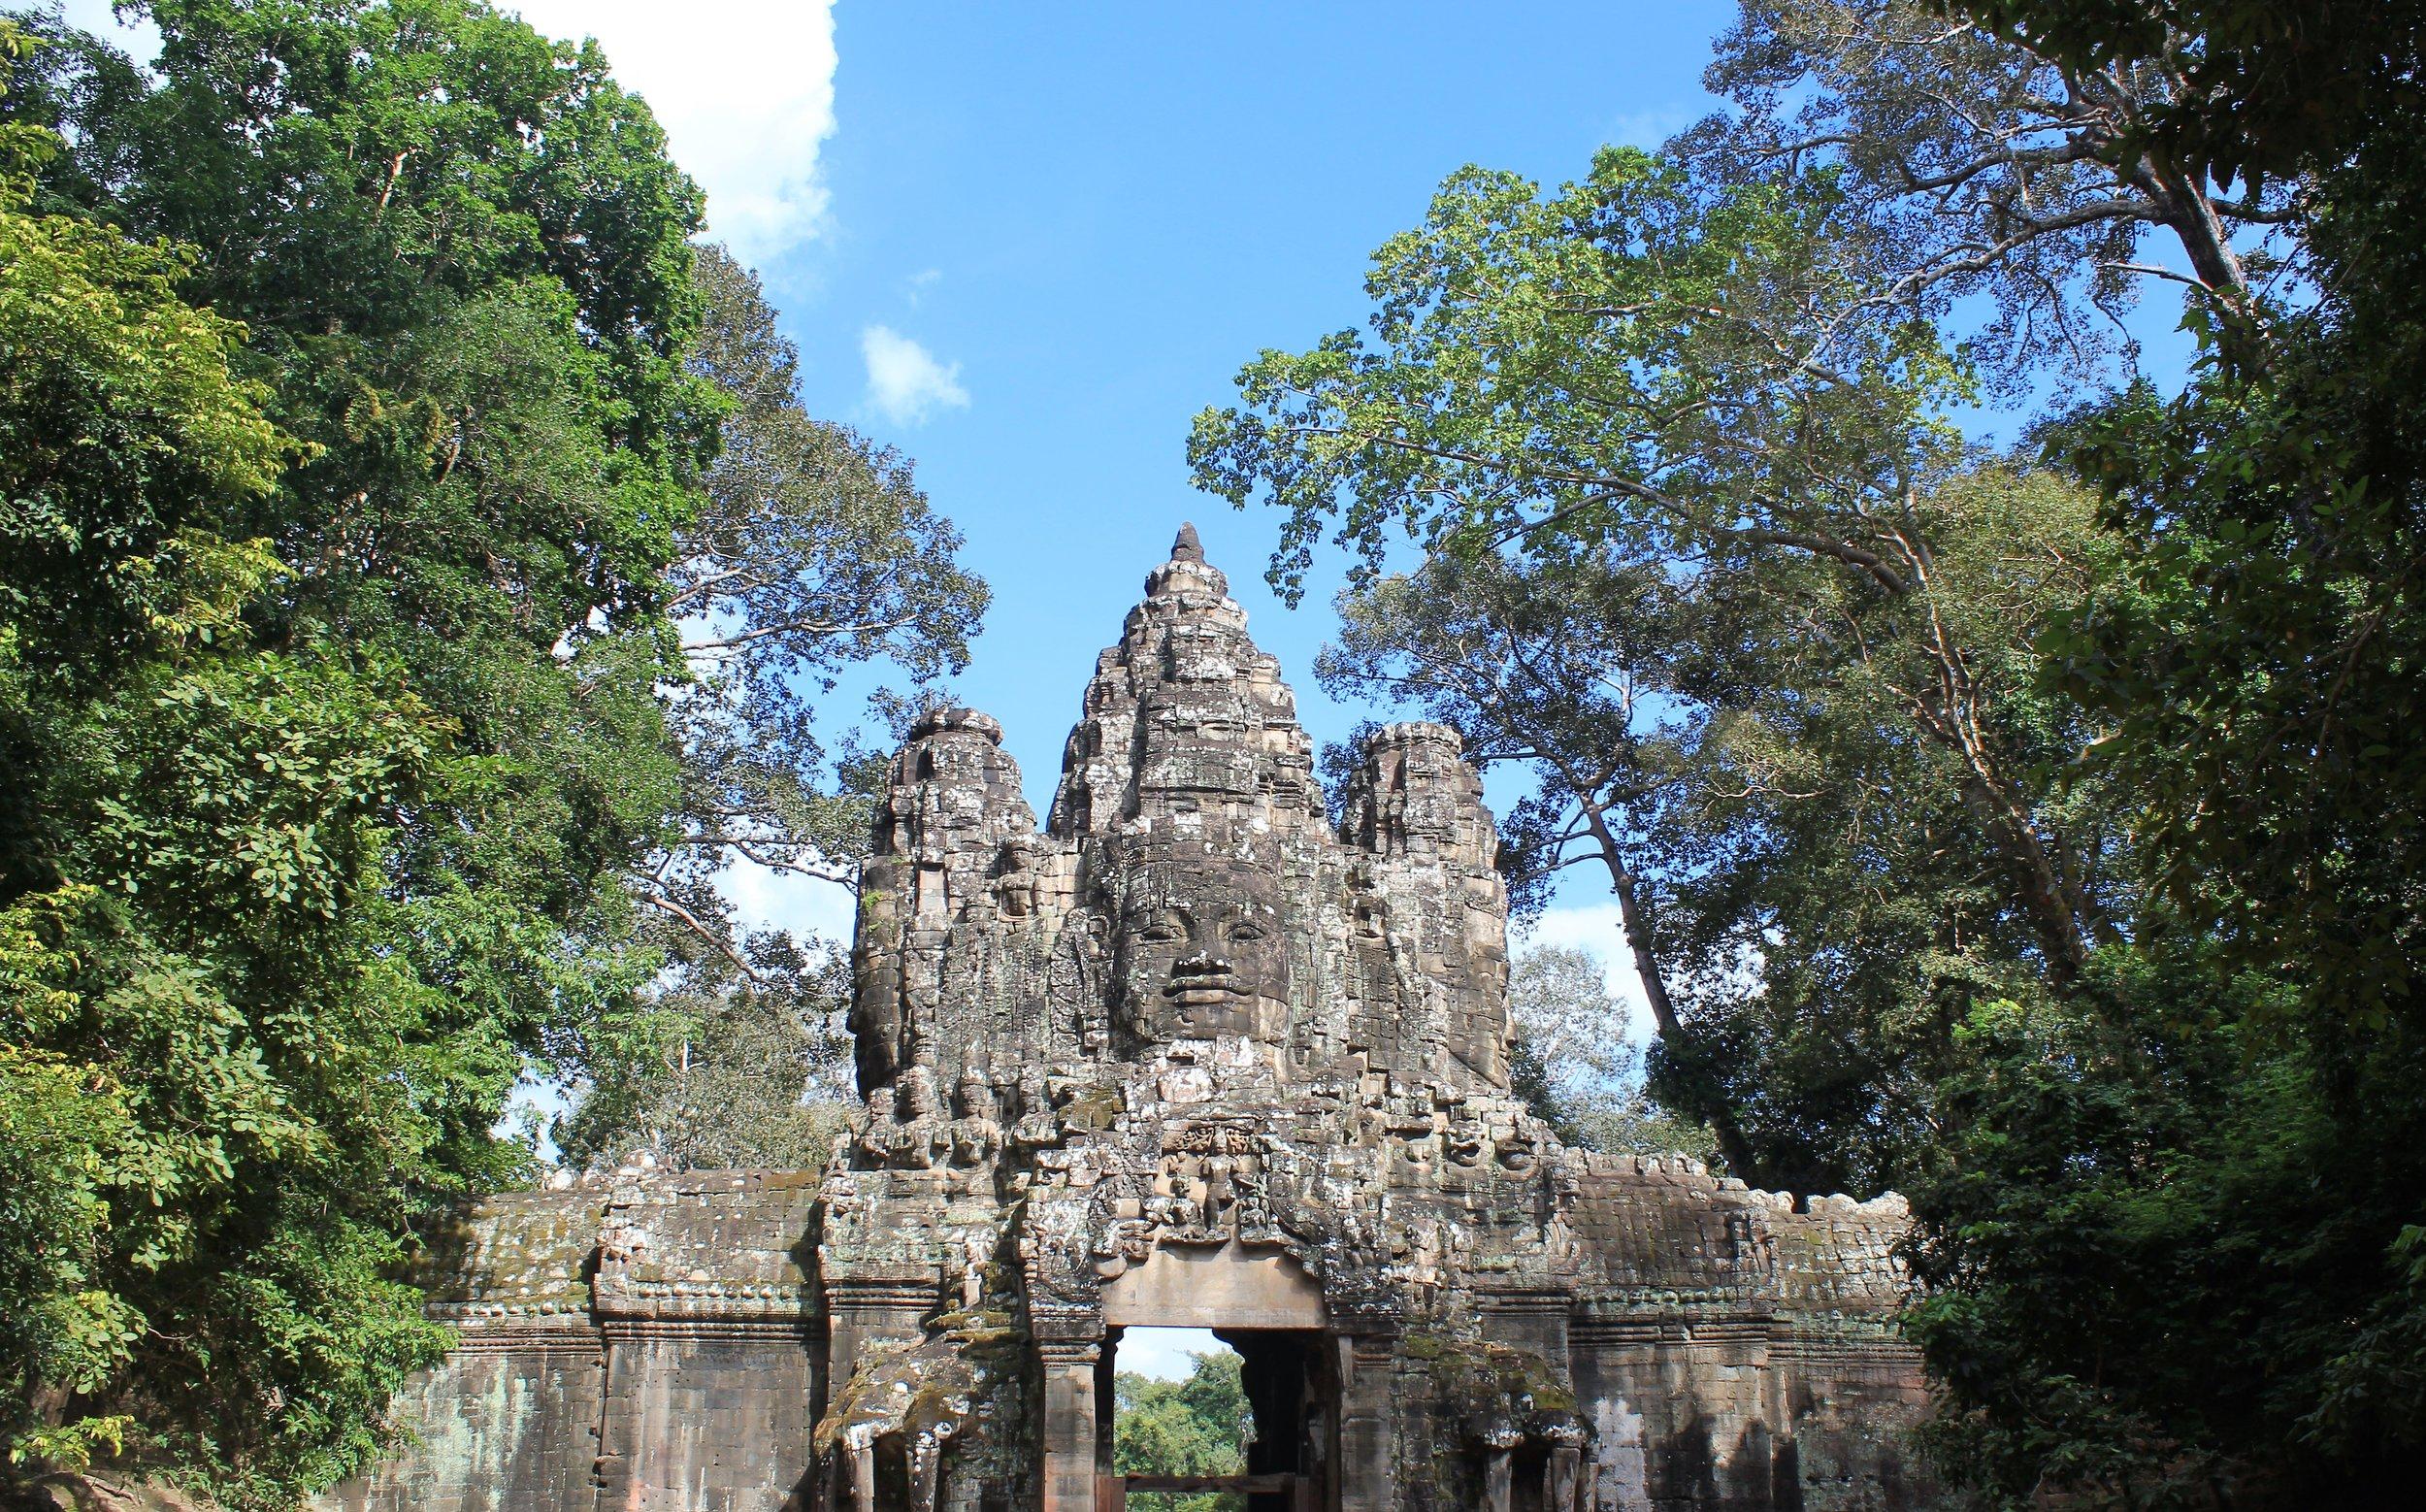 Entrance to Bayon Angkor Wat